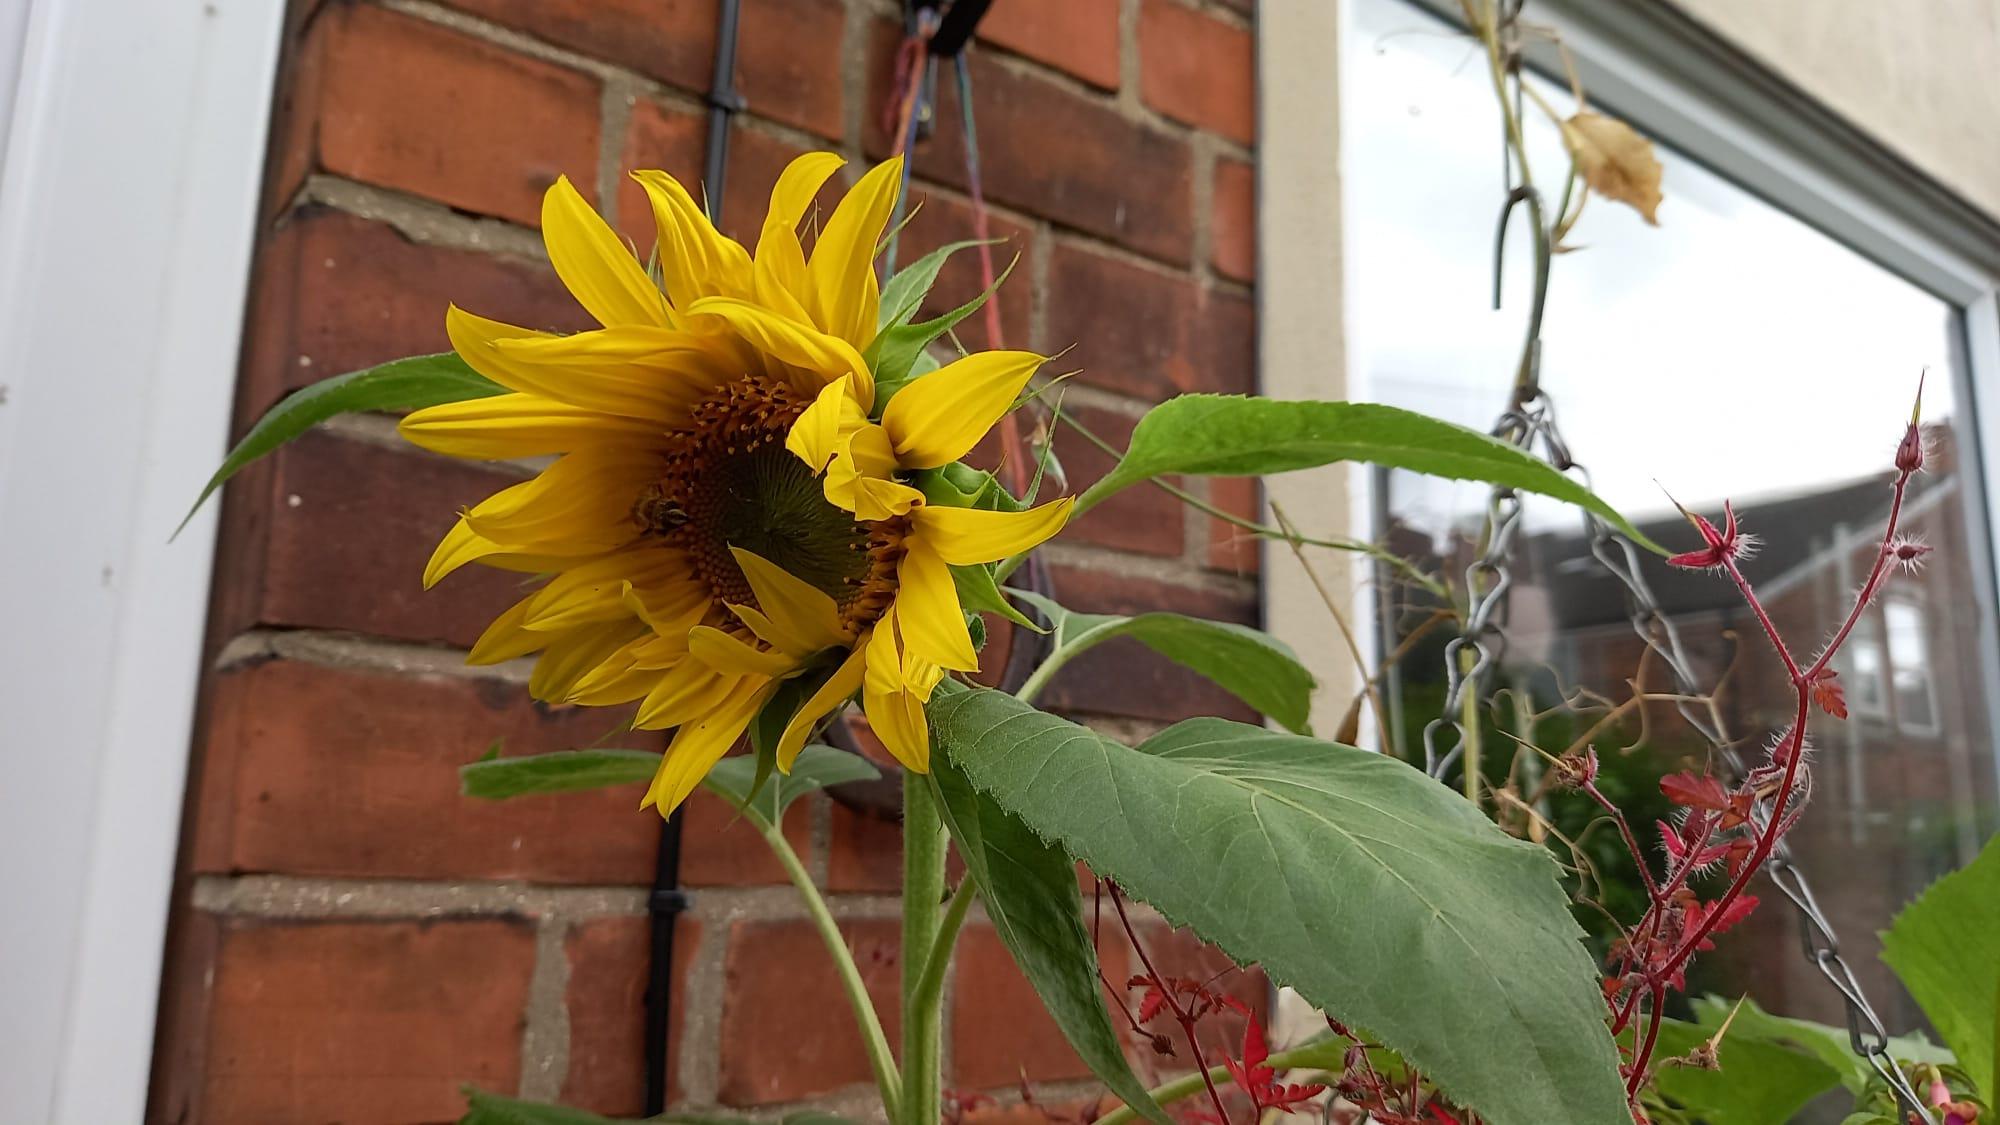 photo of an emerging sunflower